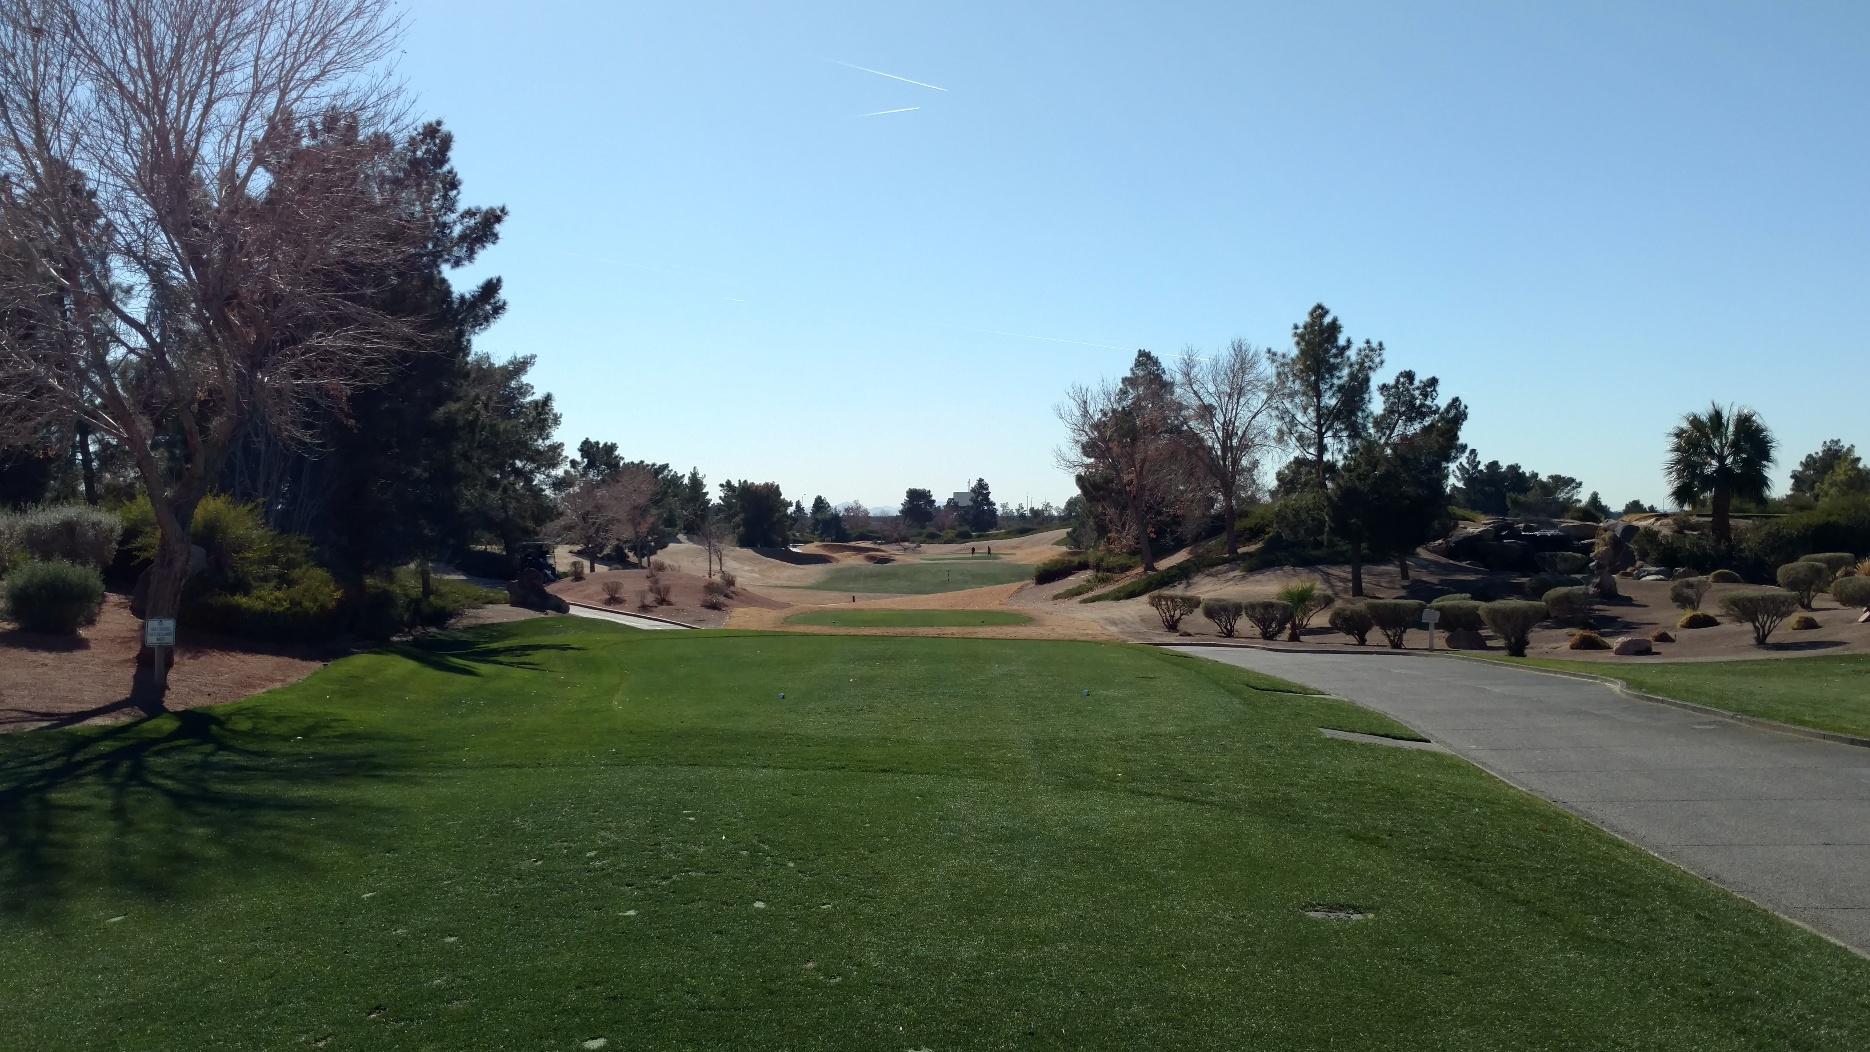 desert pines golf club las vegas nv on 01 24 18 vagolfguy. Black Bedroom Furniture Sets. Home Design Ideas